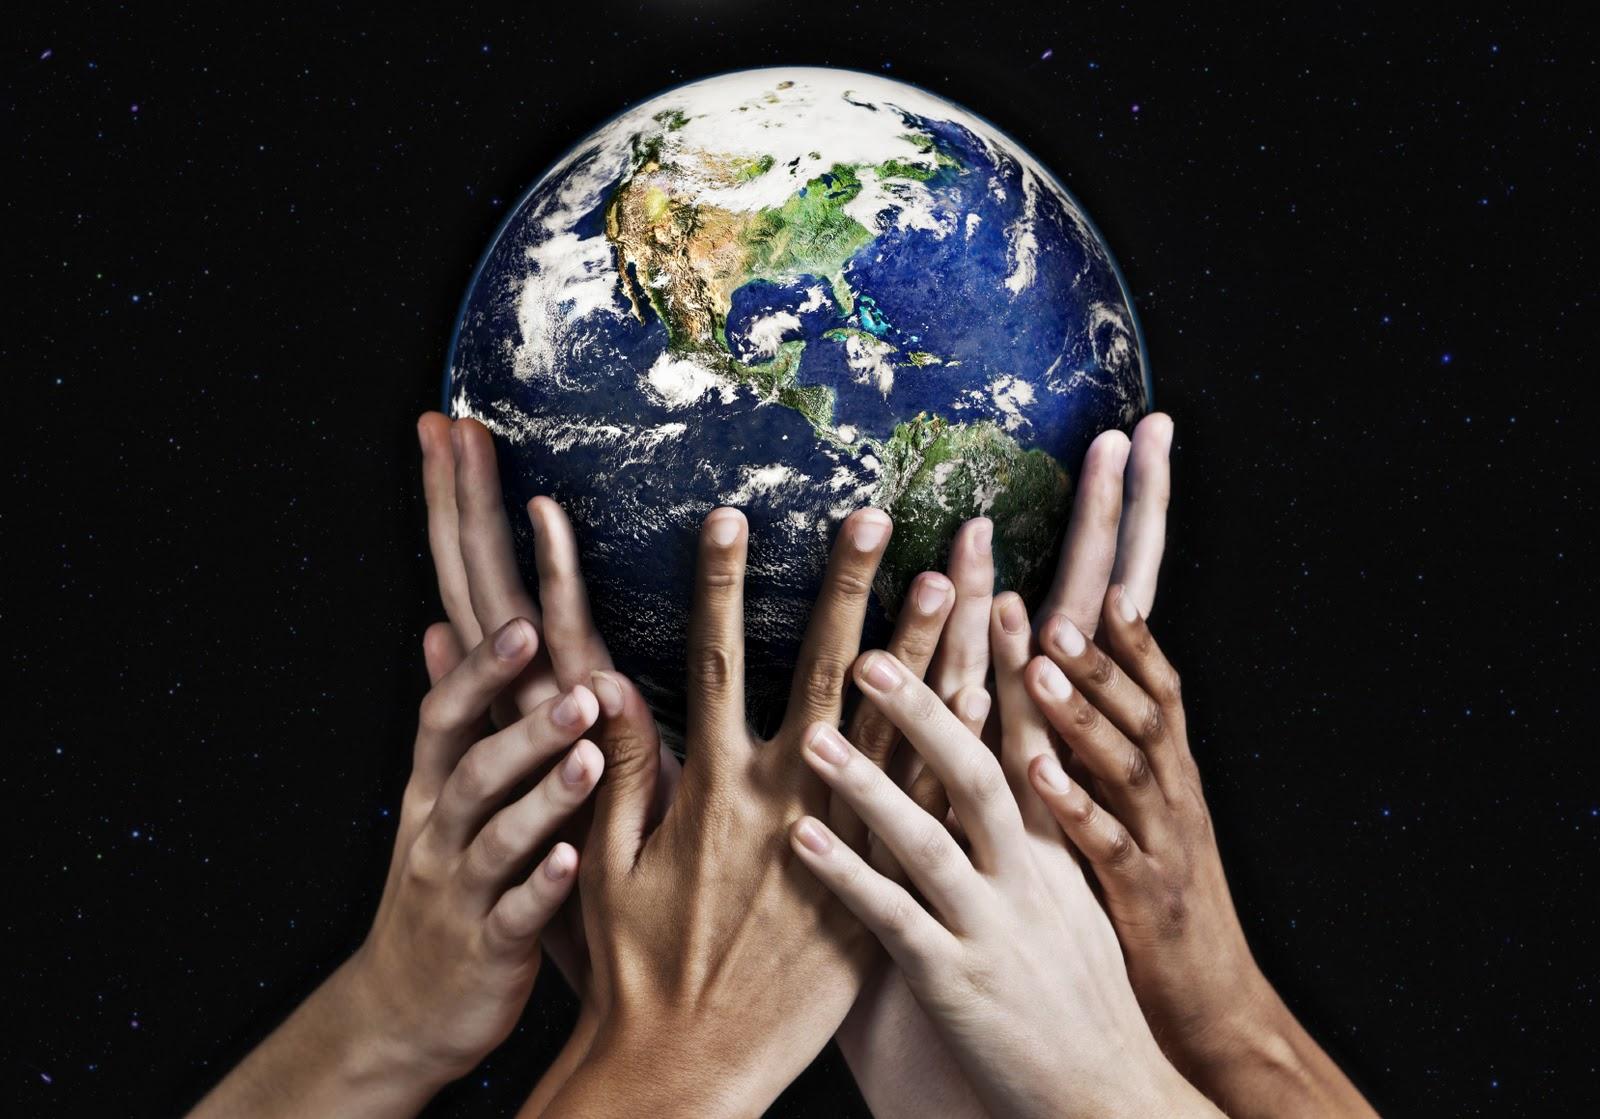 включаем принтер мир на земле фотографии можно закрепить